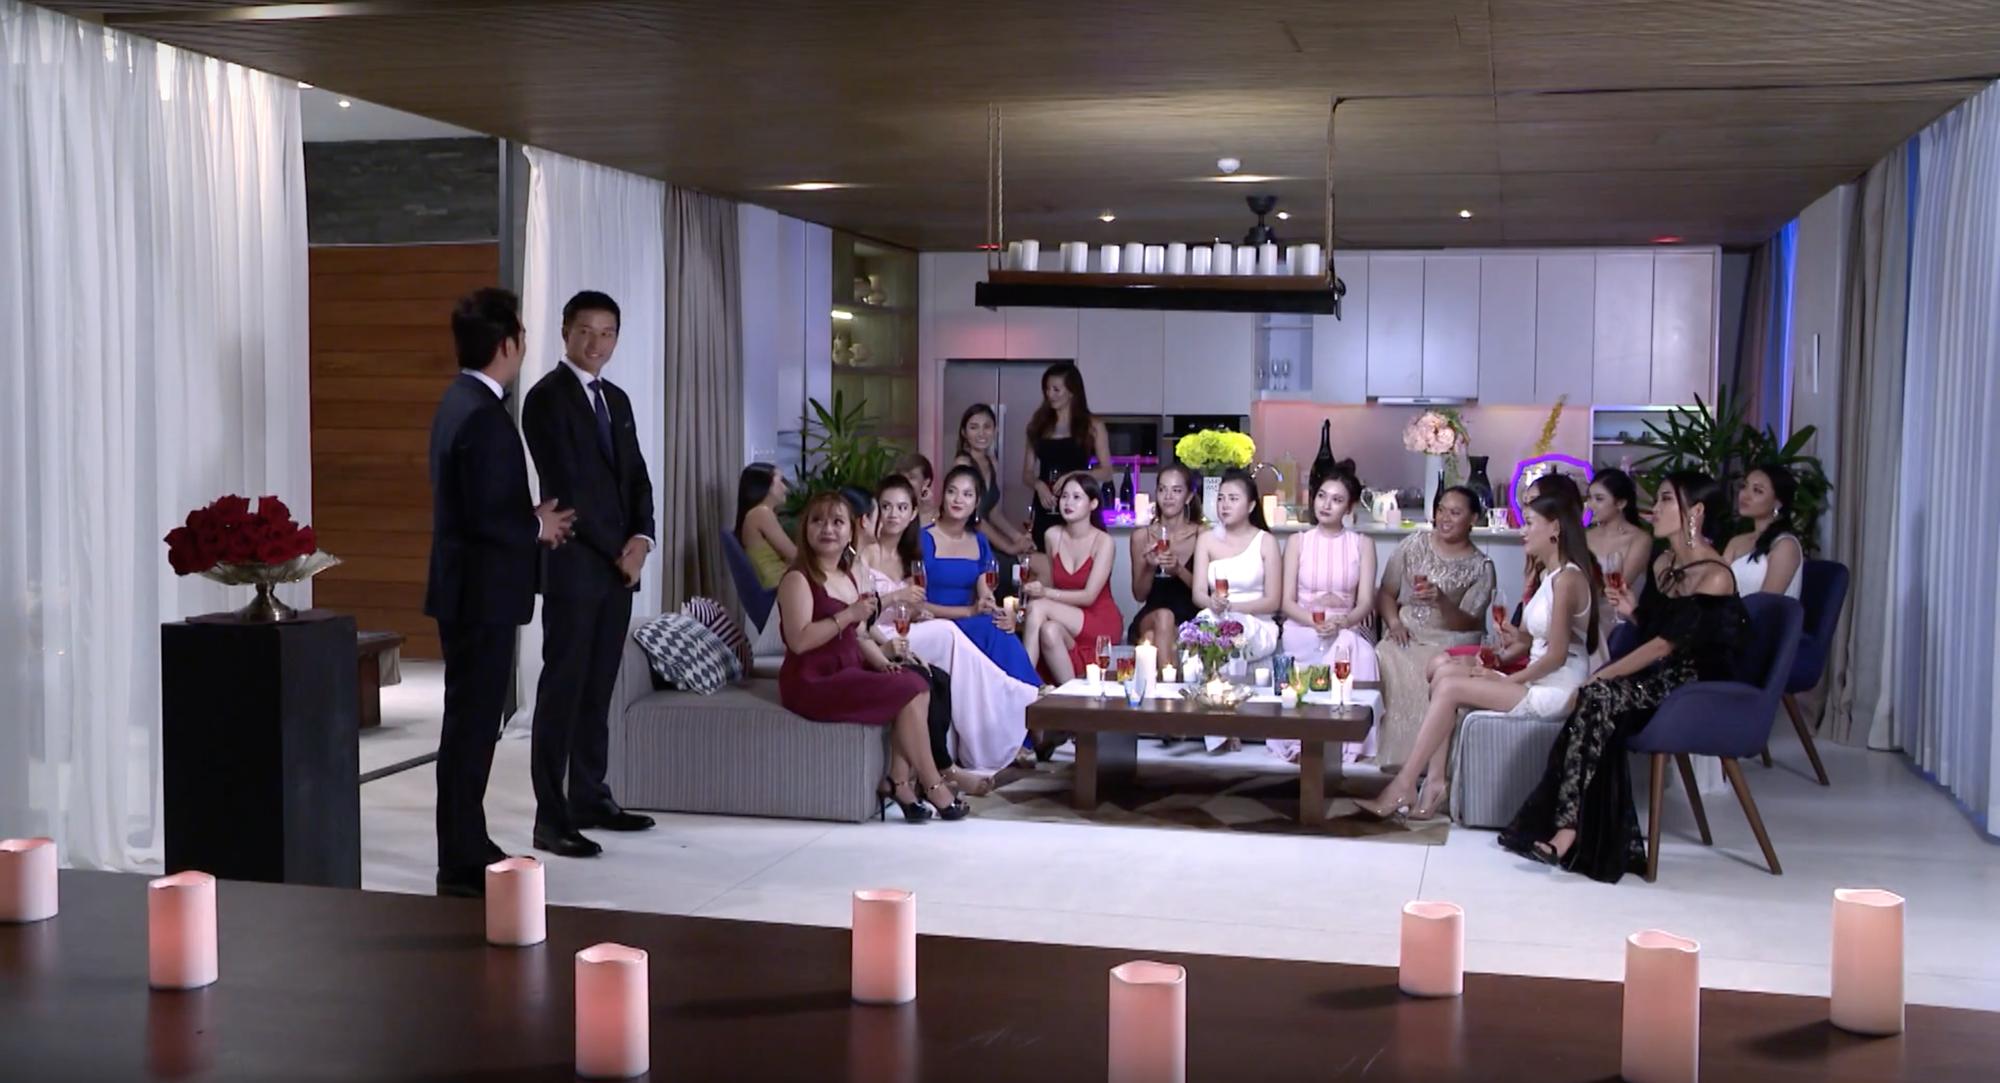 Top 5 Hoa hậu Siêu quốc gia Việt Nam từ chối Anh chàng độc thân - Ảnh 8.